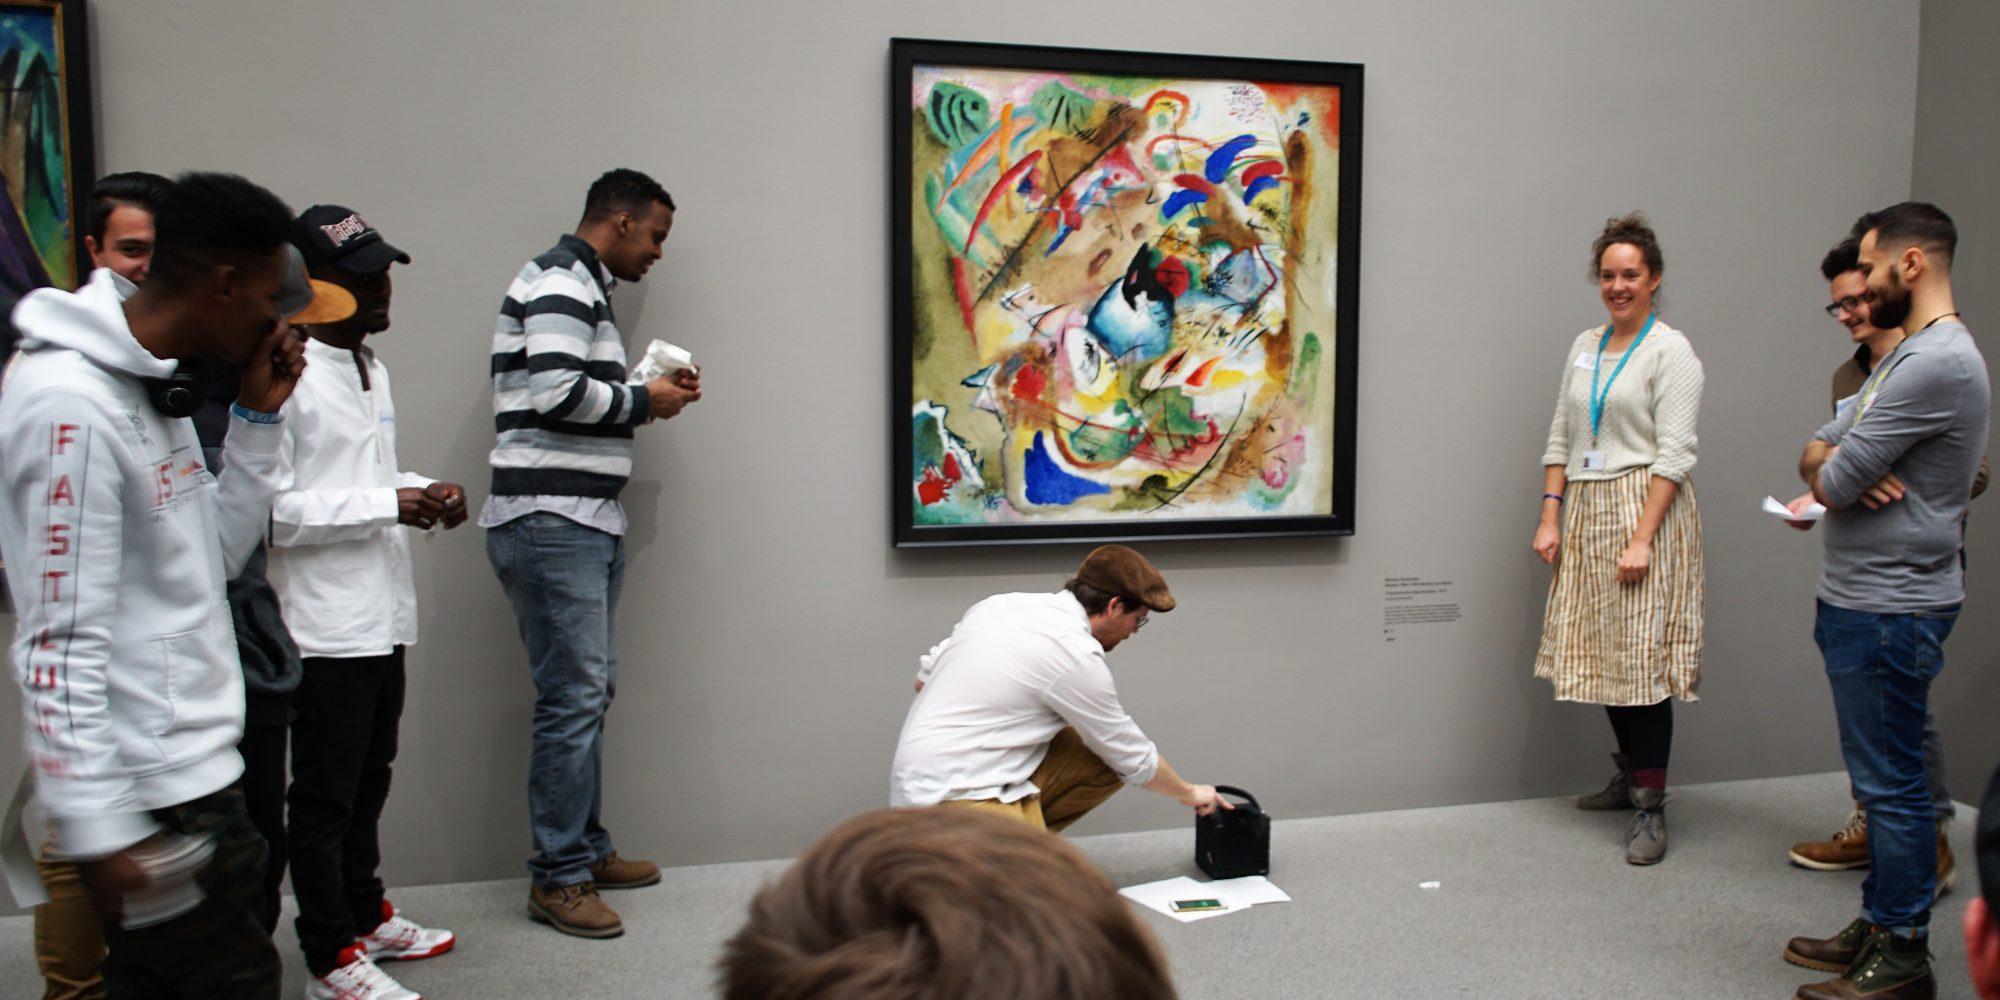 KlangSpielPlatz im KunstWerkRaum, Pinakothek der Moderne/ Wassily Kandinsky, Träumerische Inspiration, 1913, Sammlung Moderne Kunst, Bayerische Staatsgemäldesammlungen